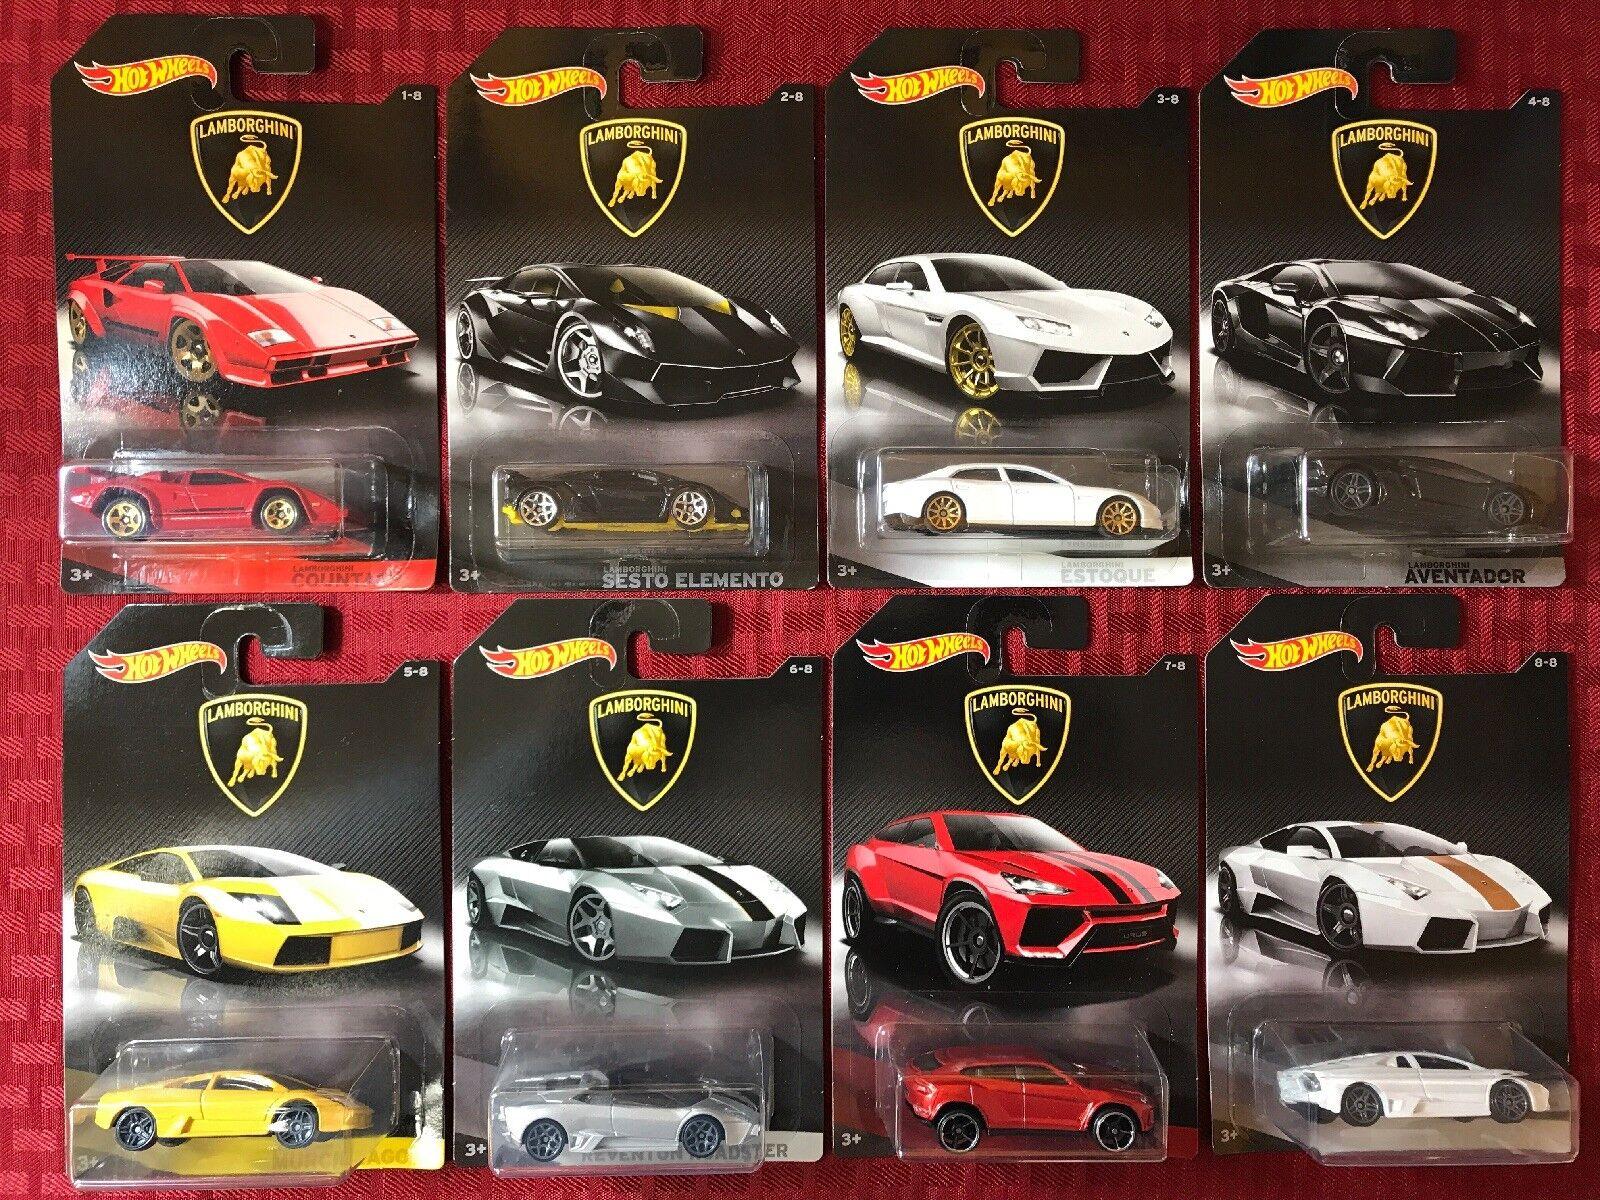 Hot Wheels 2017 Lamborghini Set Completo  8 Lote Coches. producto exclusivo de Walmart